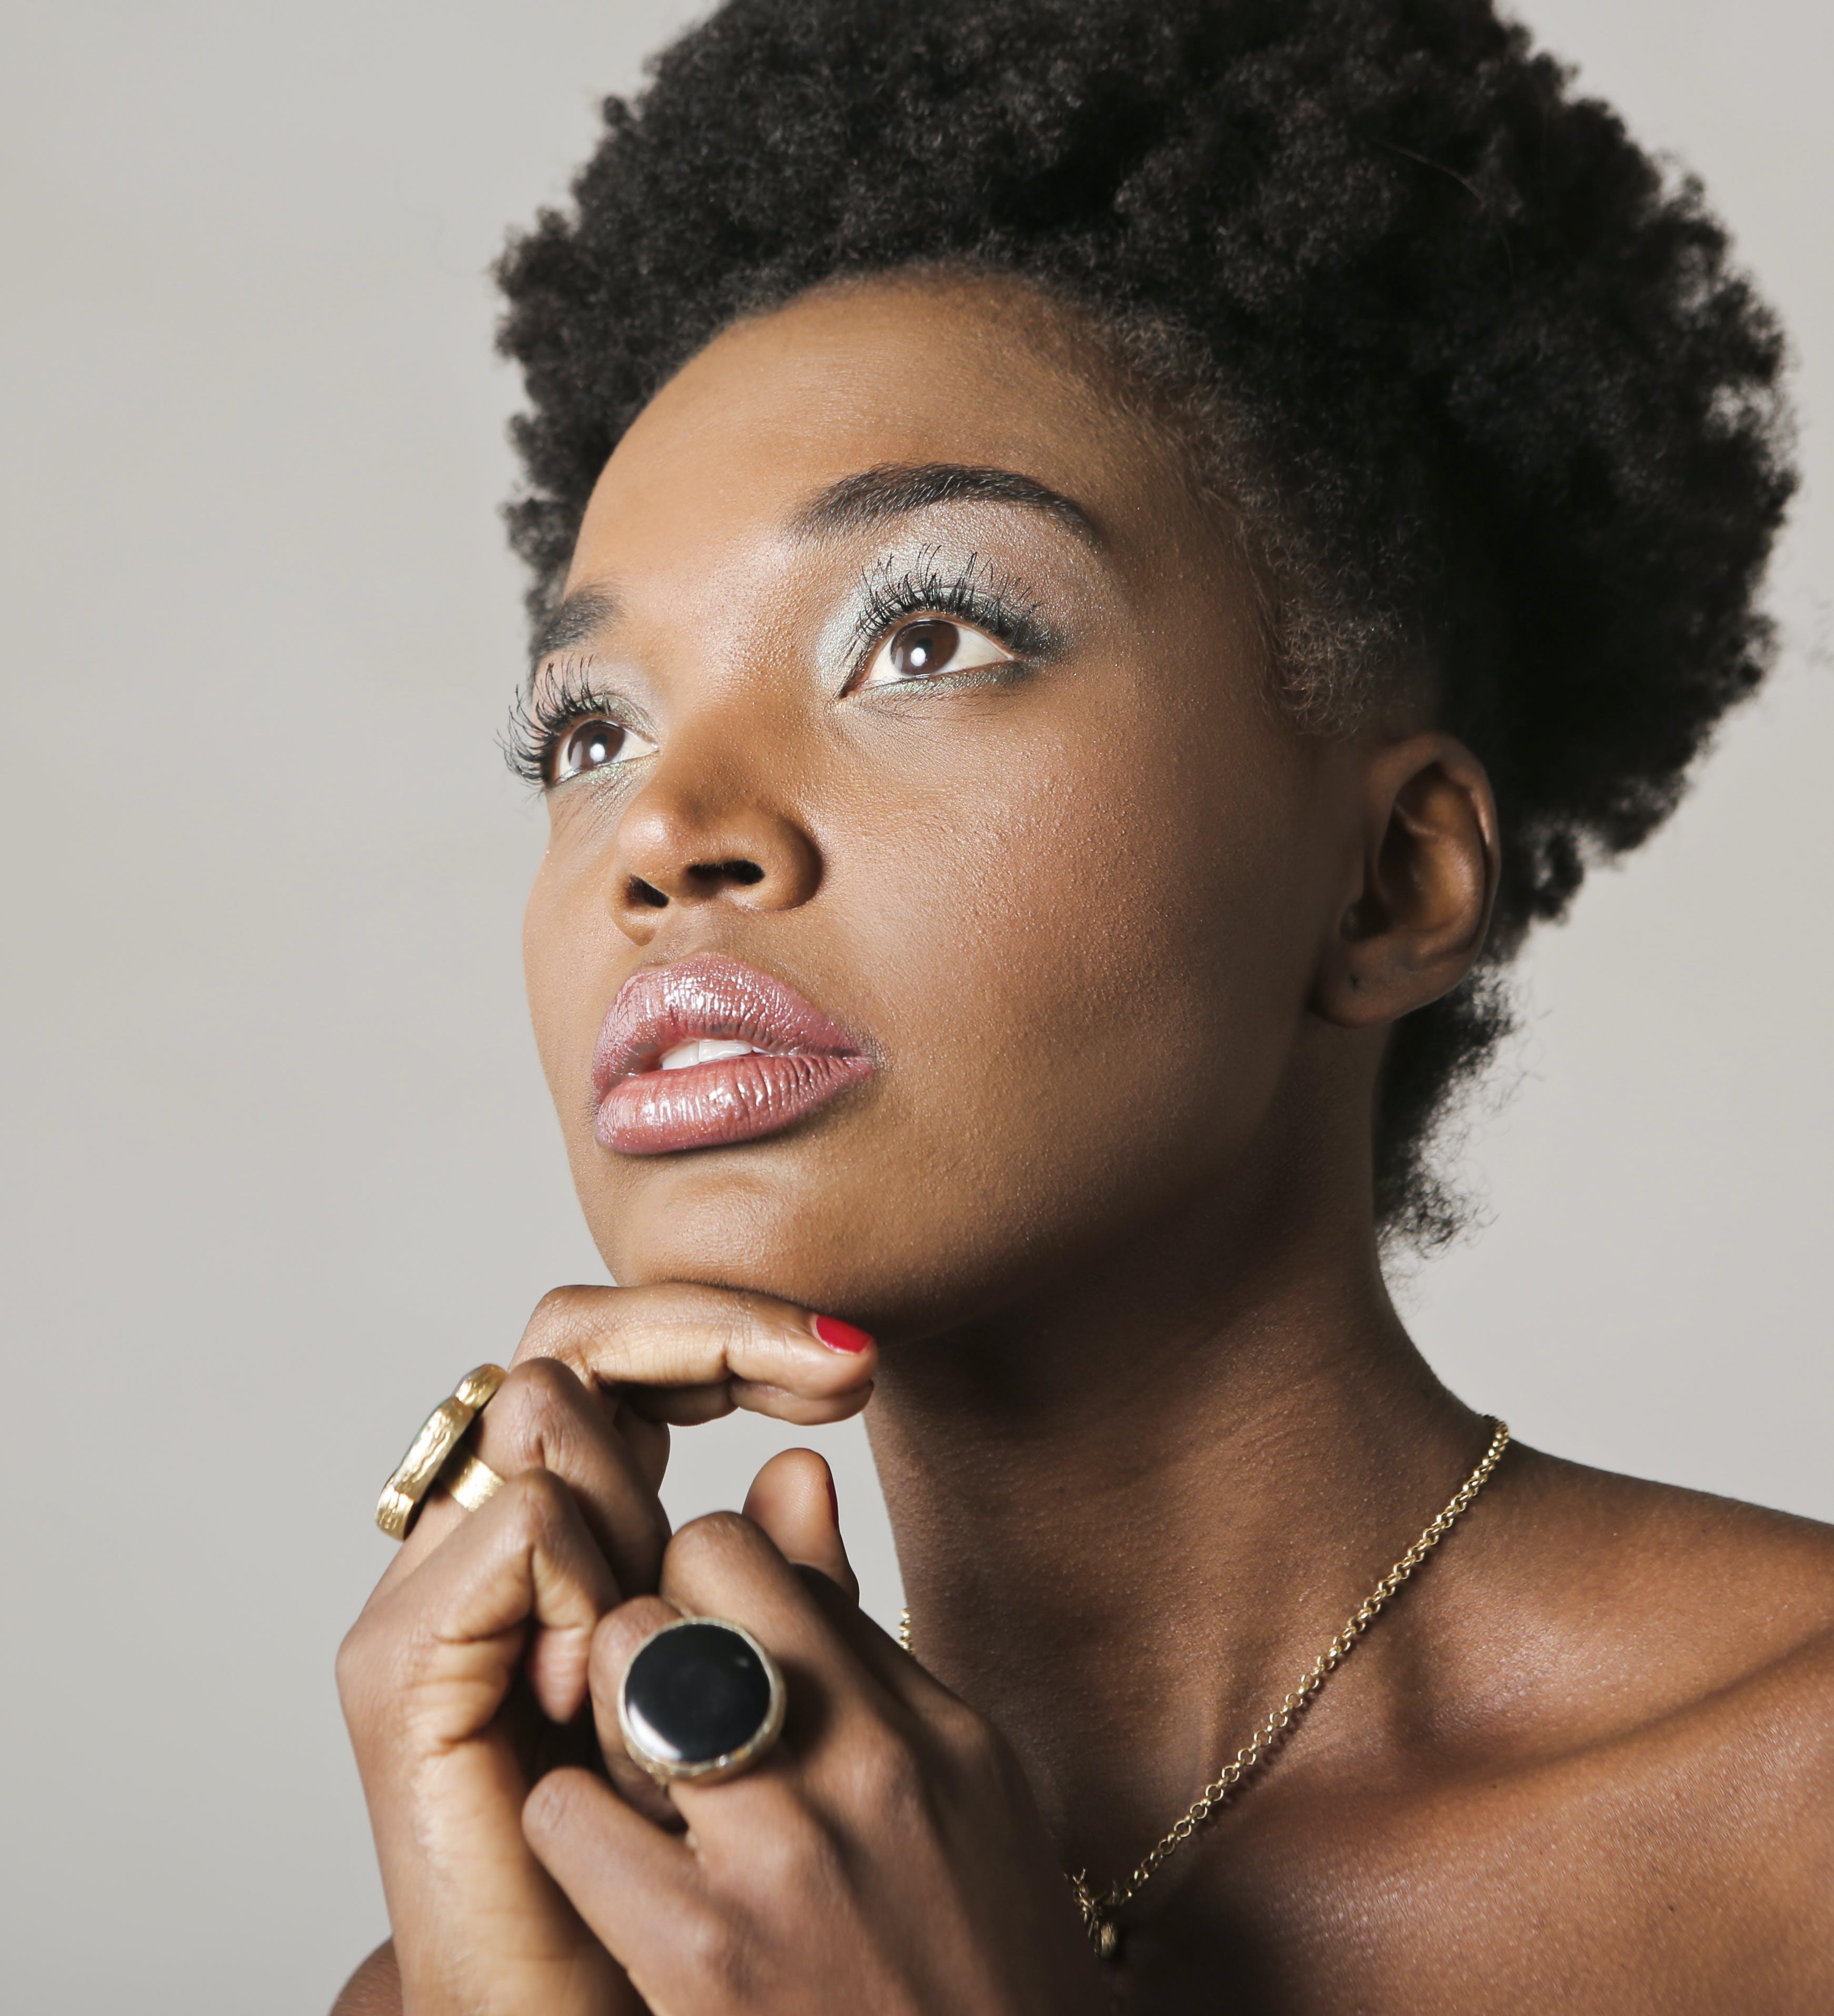 アダルト, アフリカ系アメリカ人女性, アフロ, エレガントの無料の写真素材